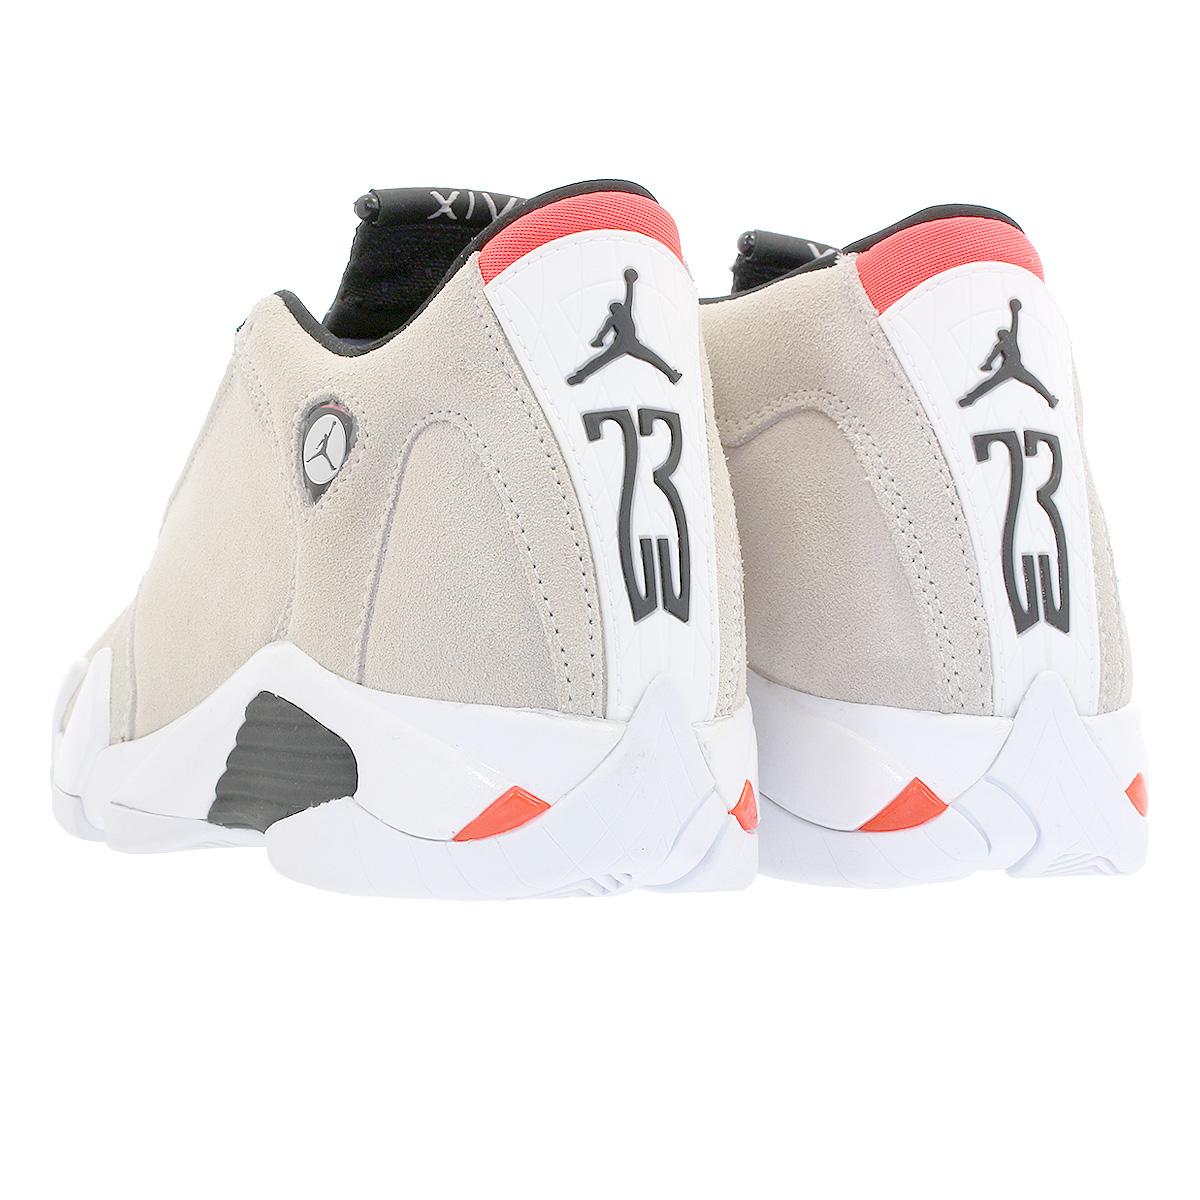 hot sale online b4631 70619 NIKE AIR JORDAN 14 RETRO BG Nike Air Jordan 14 nostalgic BG DESERT  SAND/BLACK/WHITE/INFRARED 23 487,524-021